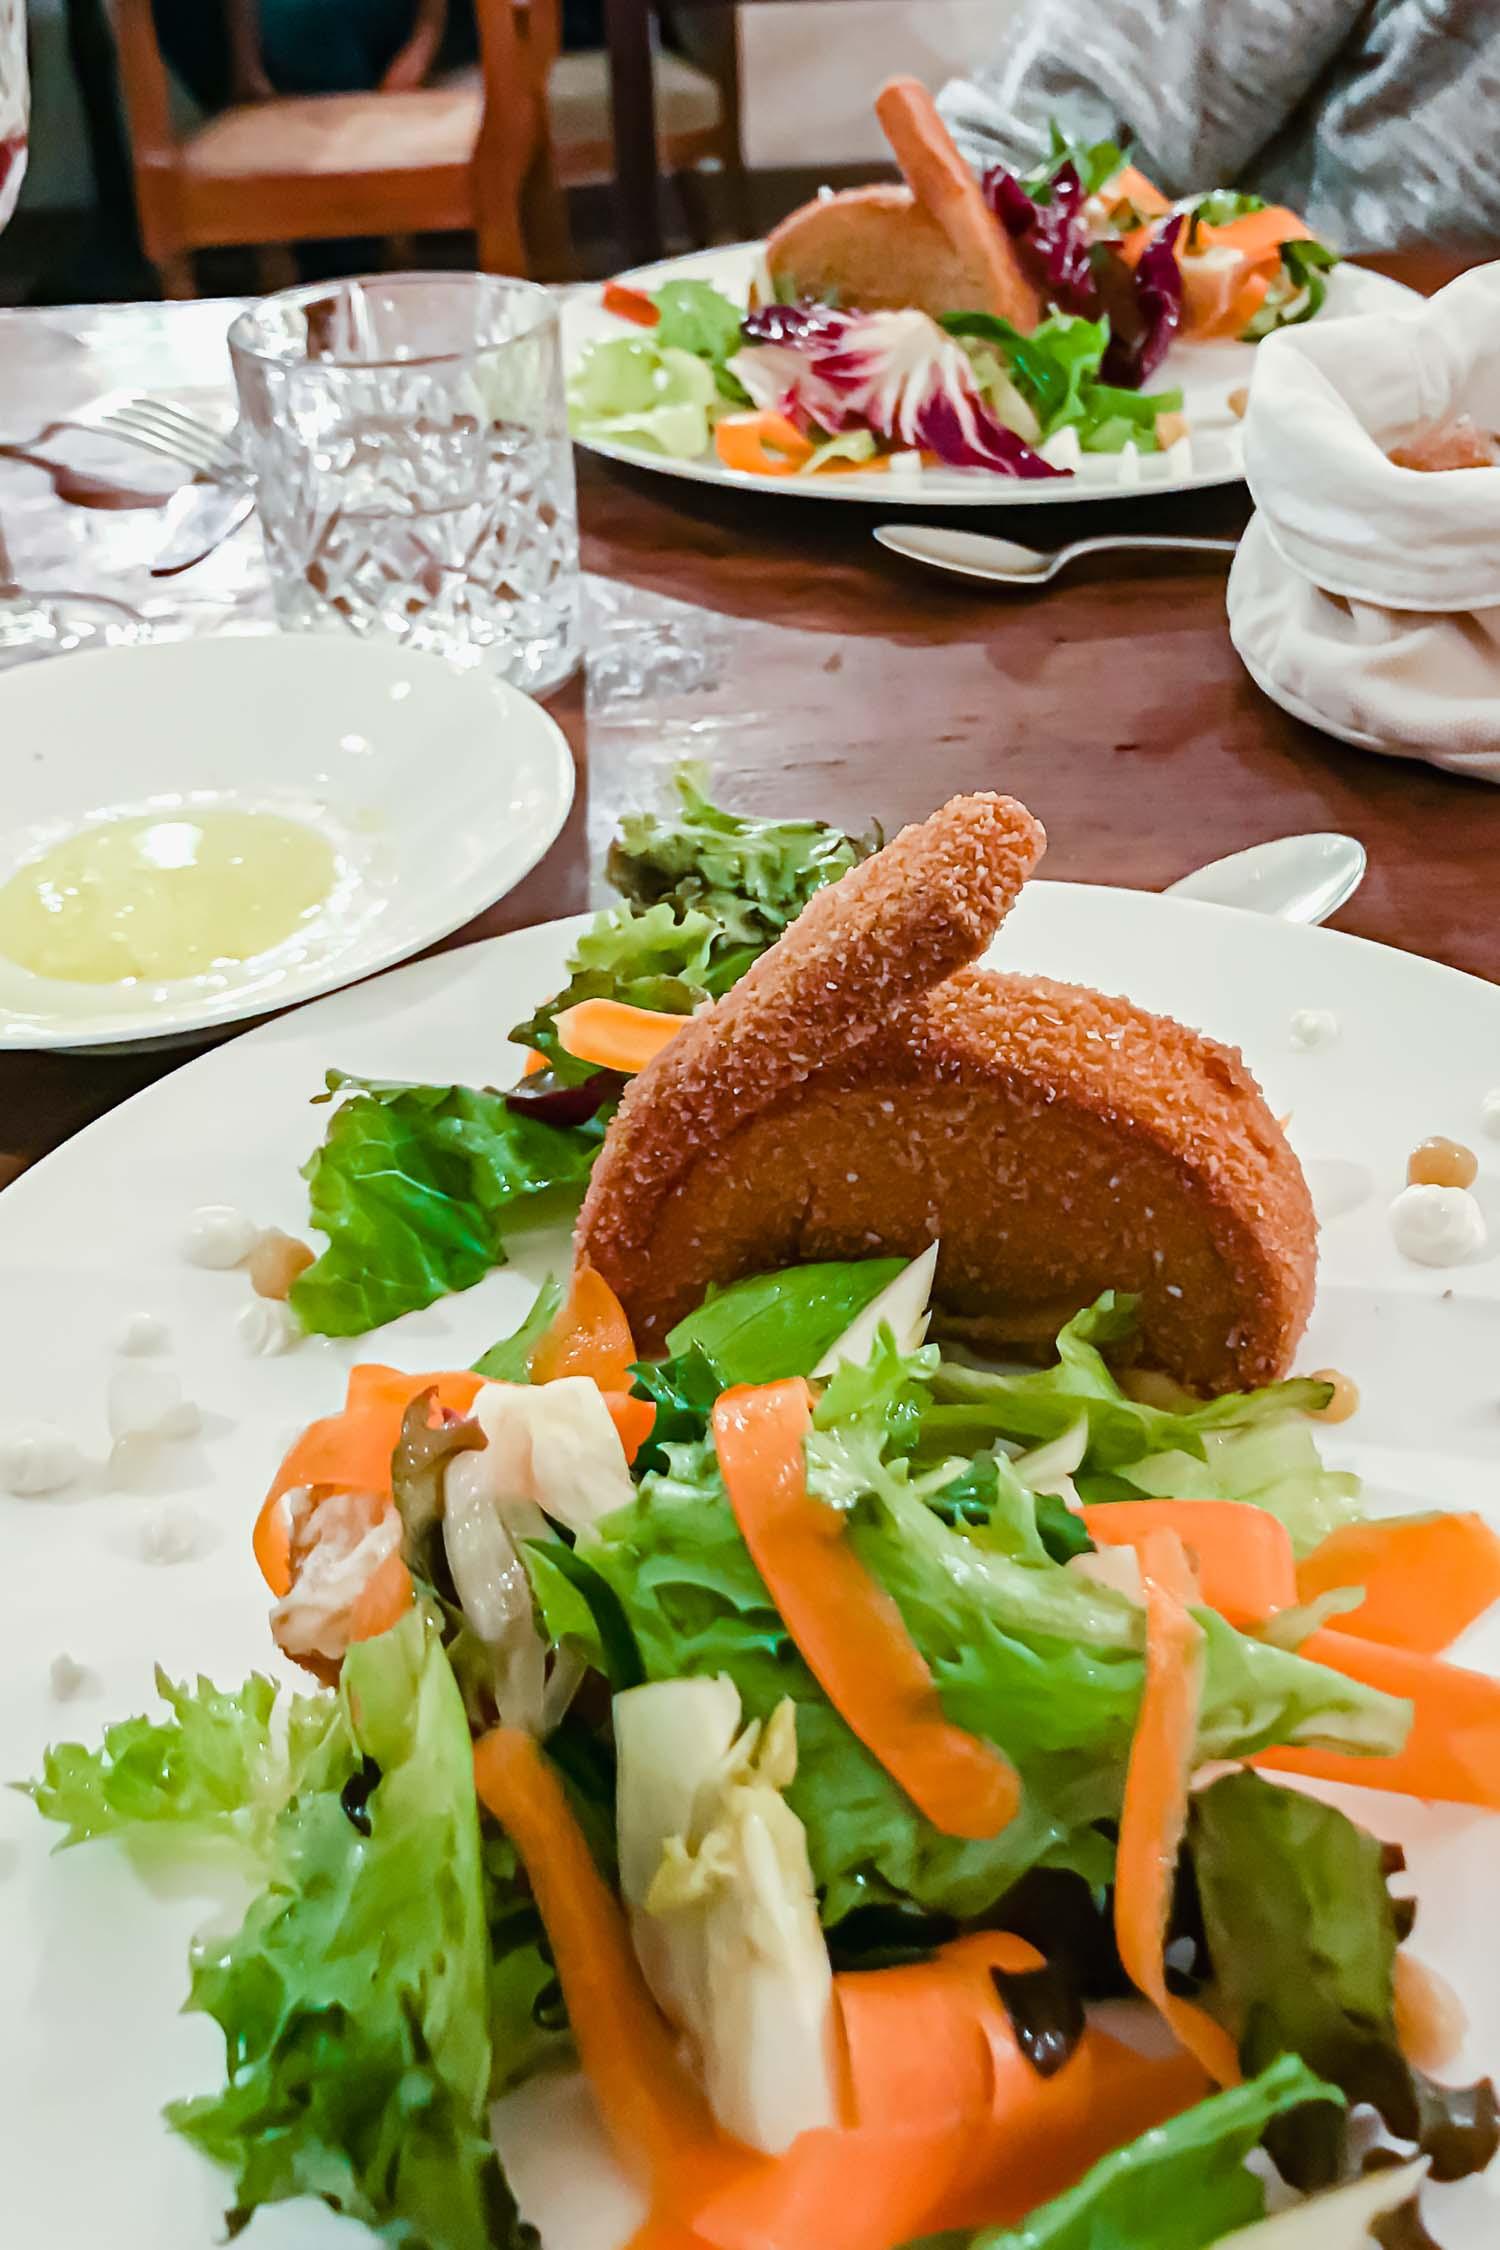 Salad with chickpea fritters shaped like rabbits at the i pini restaurant, an organic vegan Italian farmhouse in Tuscany. #tuscany #travel #italy #italianfarmhouse #olivegroves #oliveoil #vineyards #italyinautumn #veganrestaurant #vegantravel #italytravel #veganitaly #vegantuscany #veganhotel #ecotourism #organichotel #veganhotel #veganretreat #veganbedandbreakfast #sangimignano